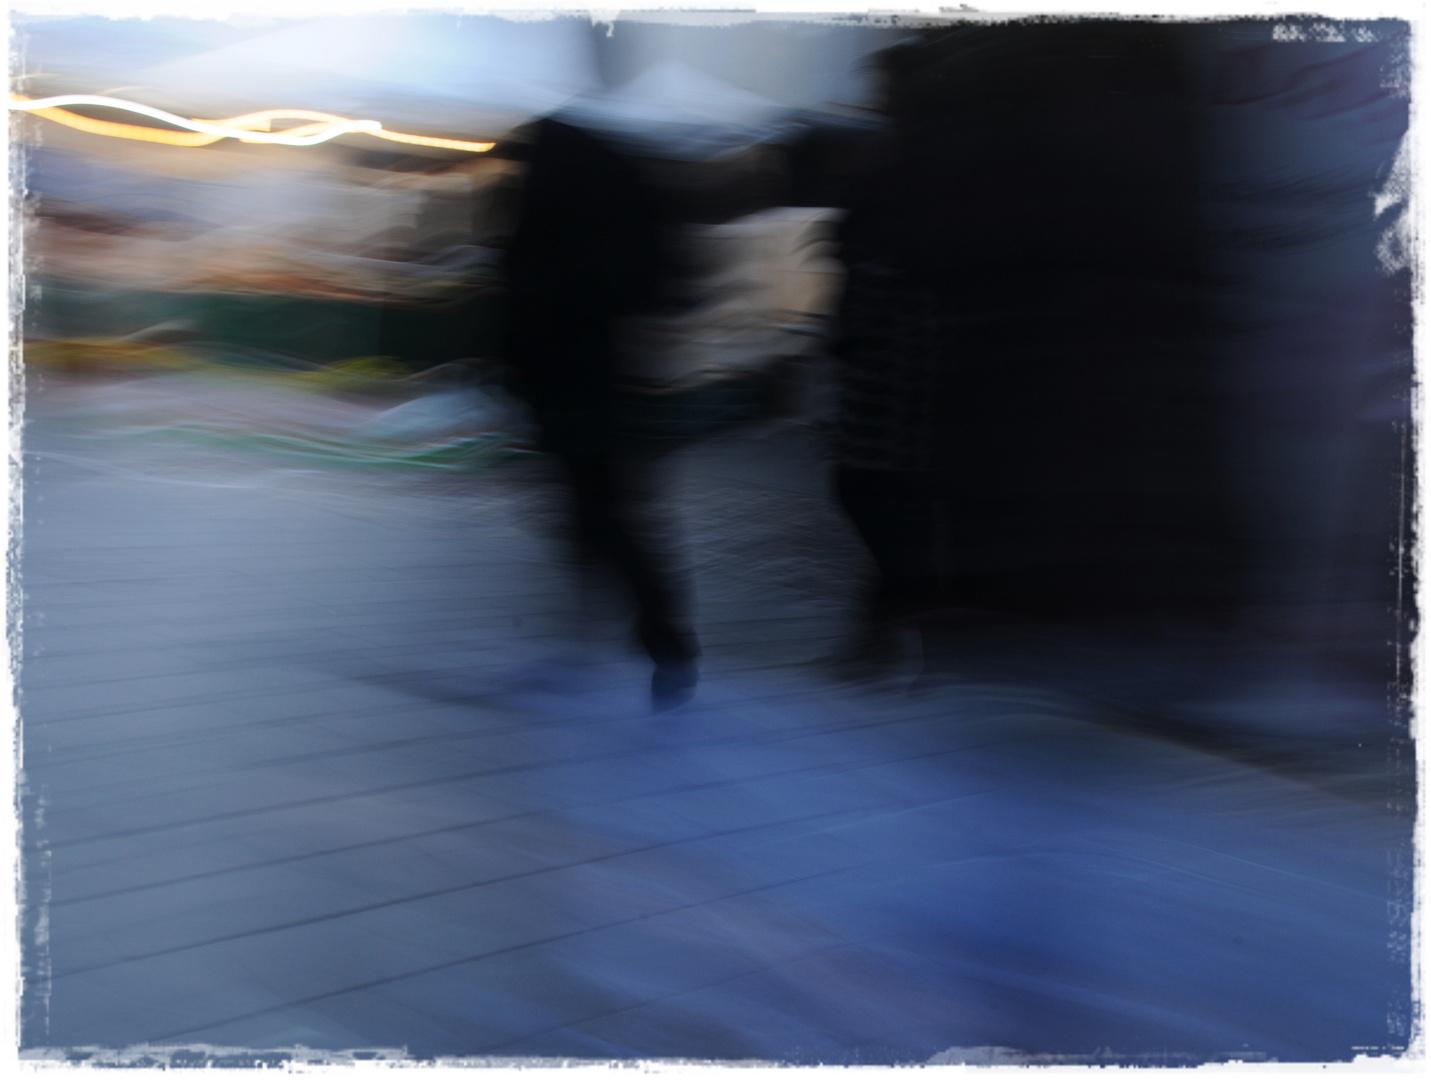 https://img.fotocommunity.com/un-salto-nel-buio-a1ec6100-213a-4e06-90a2-d28c8e97aff3.jpg?height=1080